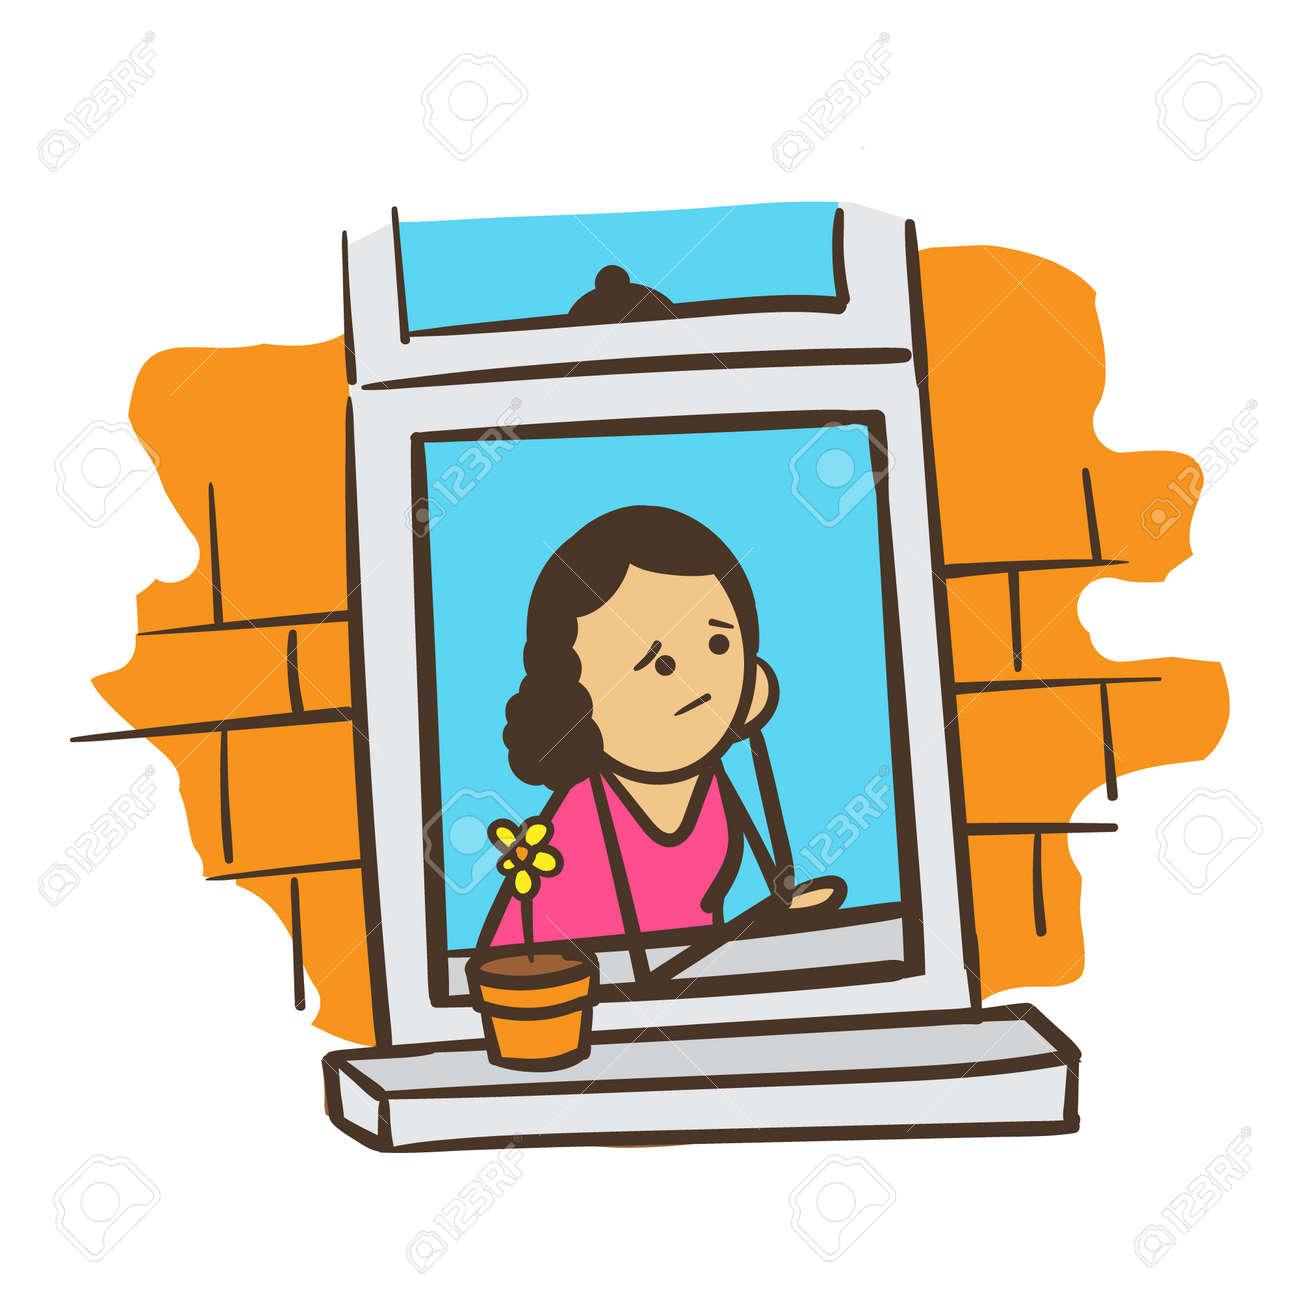 Cartoon Strichmännchen Frau Sorgen Oder Tagträumen Lizenzfrei